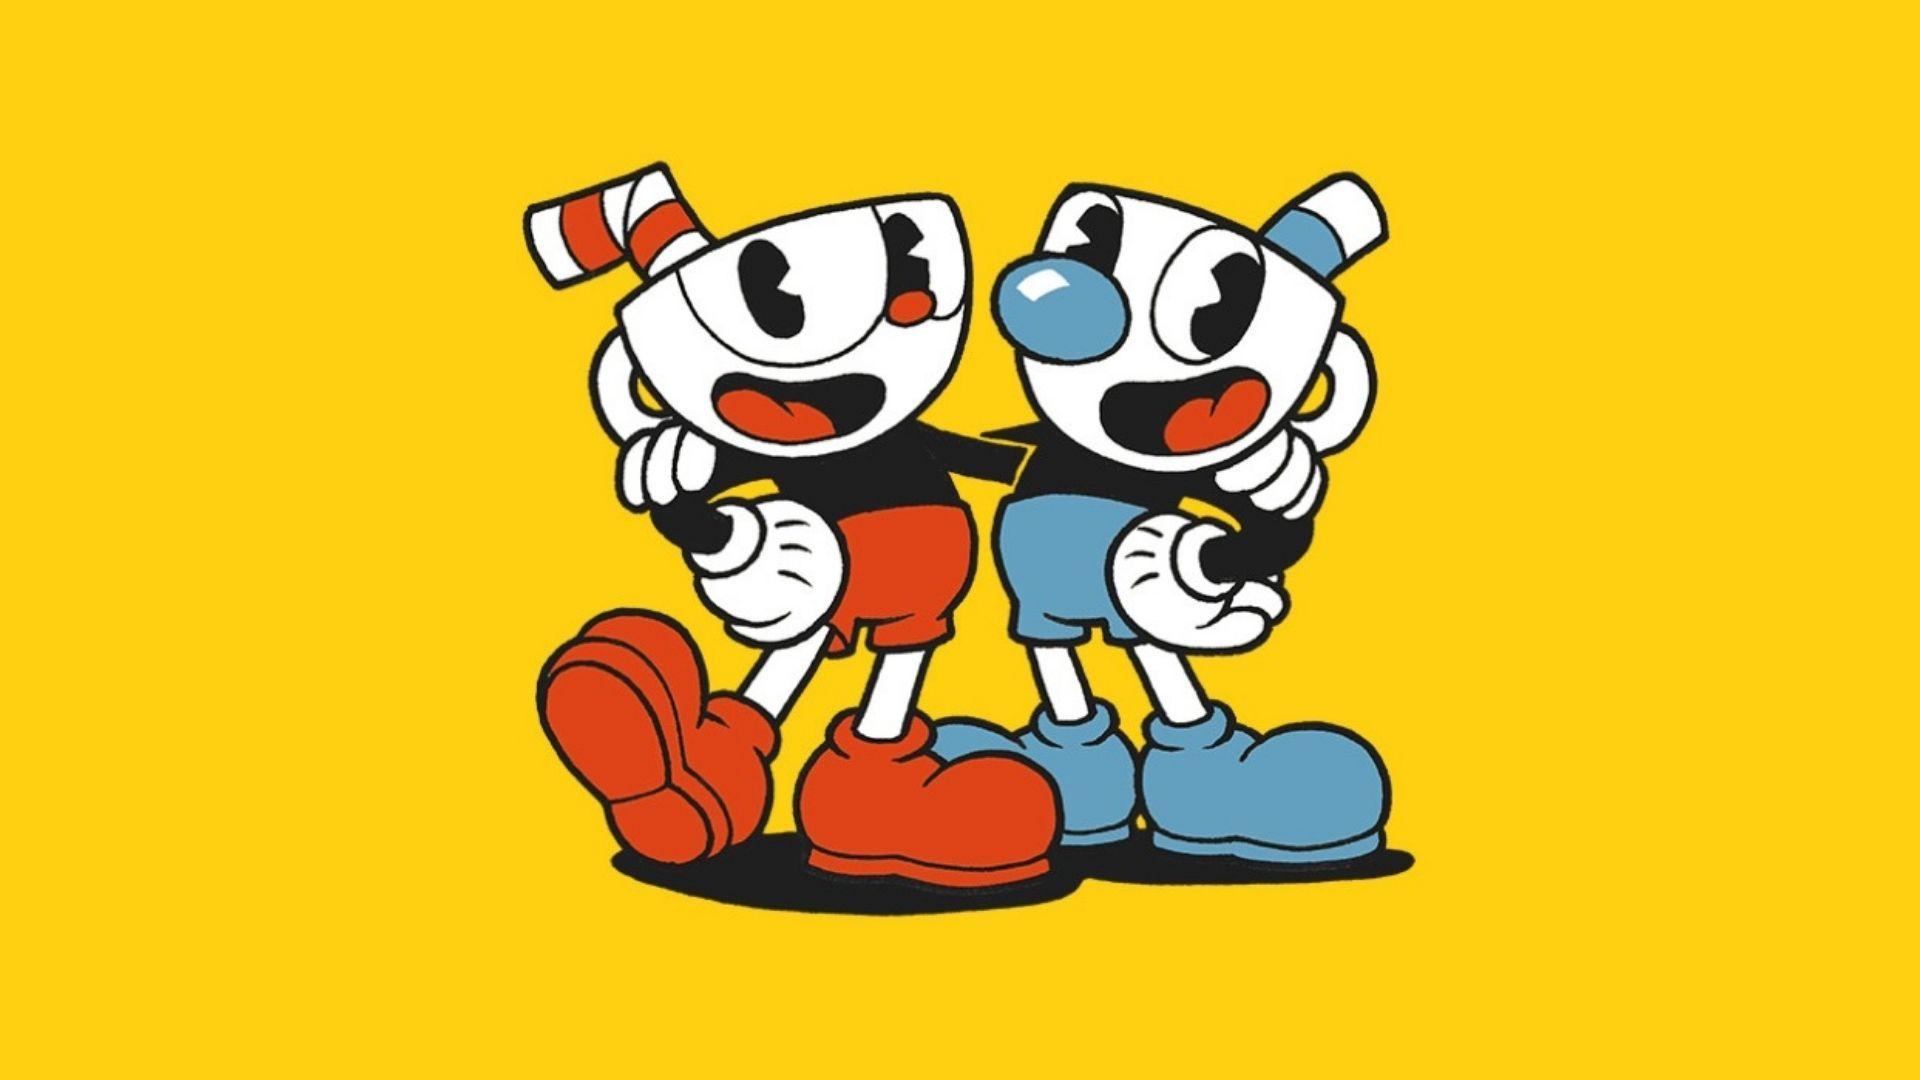 Cuphead: um dos maiores atrativos desse sucesso entre jogos para PC fraco é seu estilo de animação (Reprodução: Xbox.com)